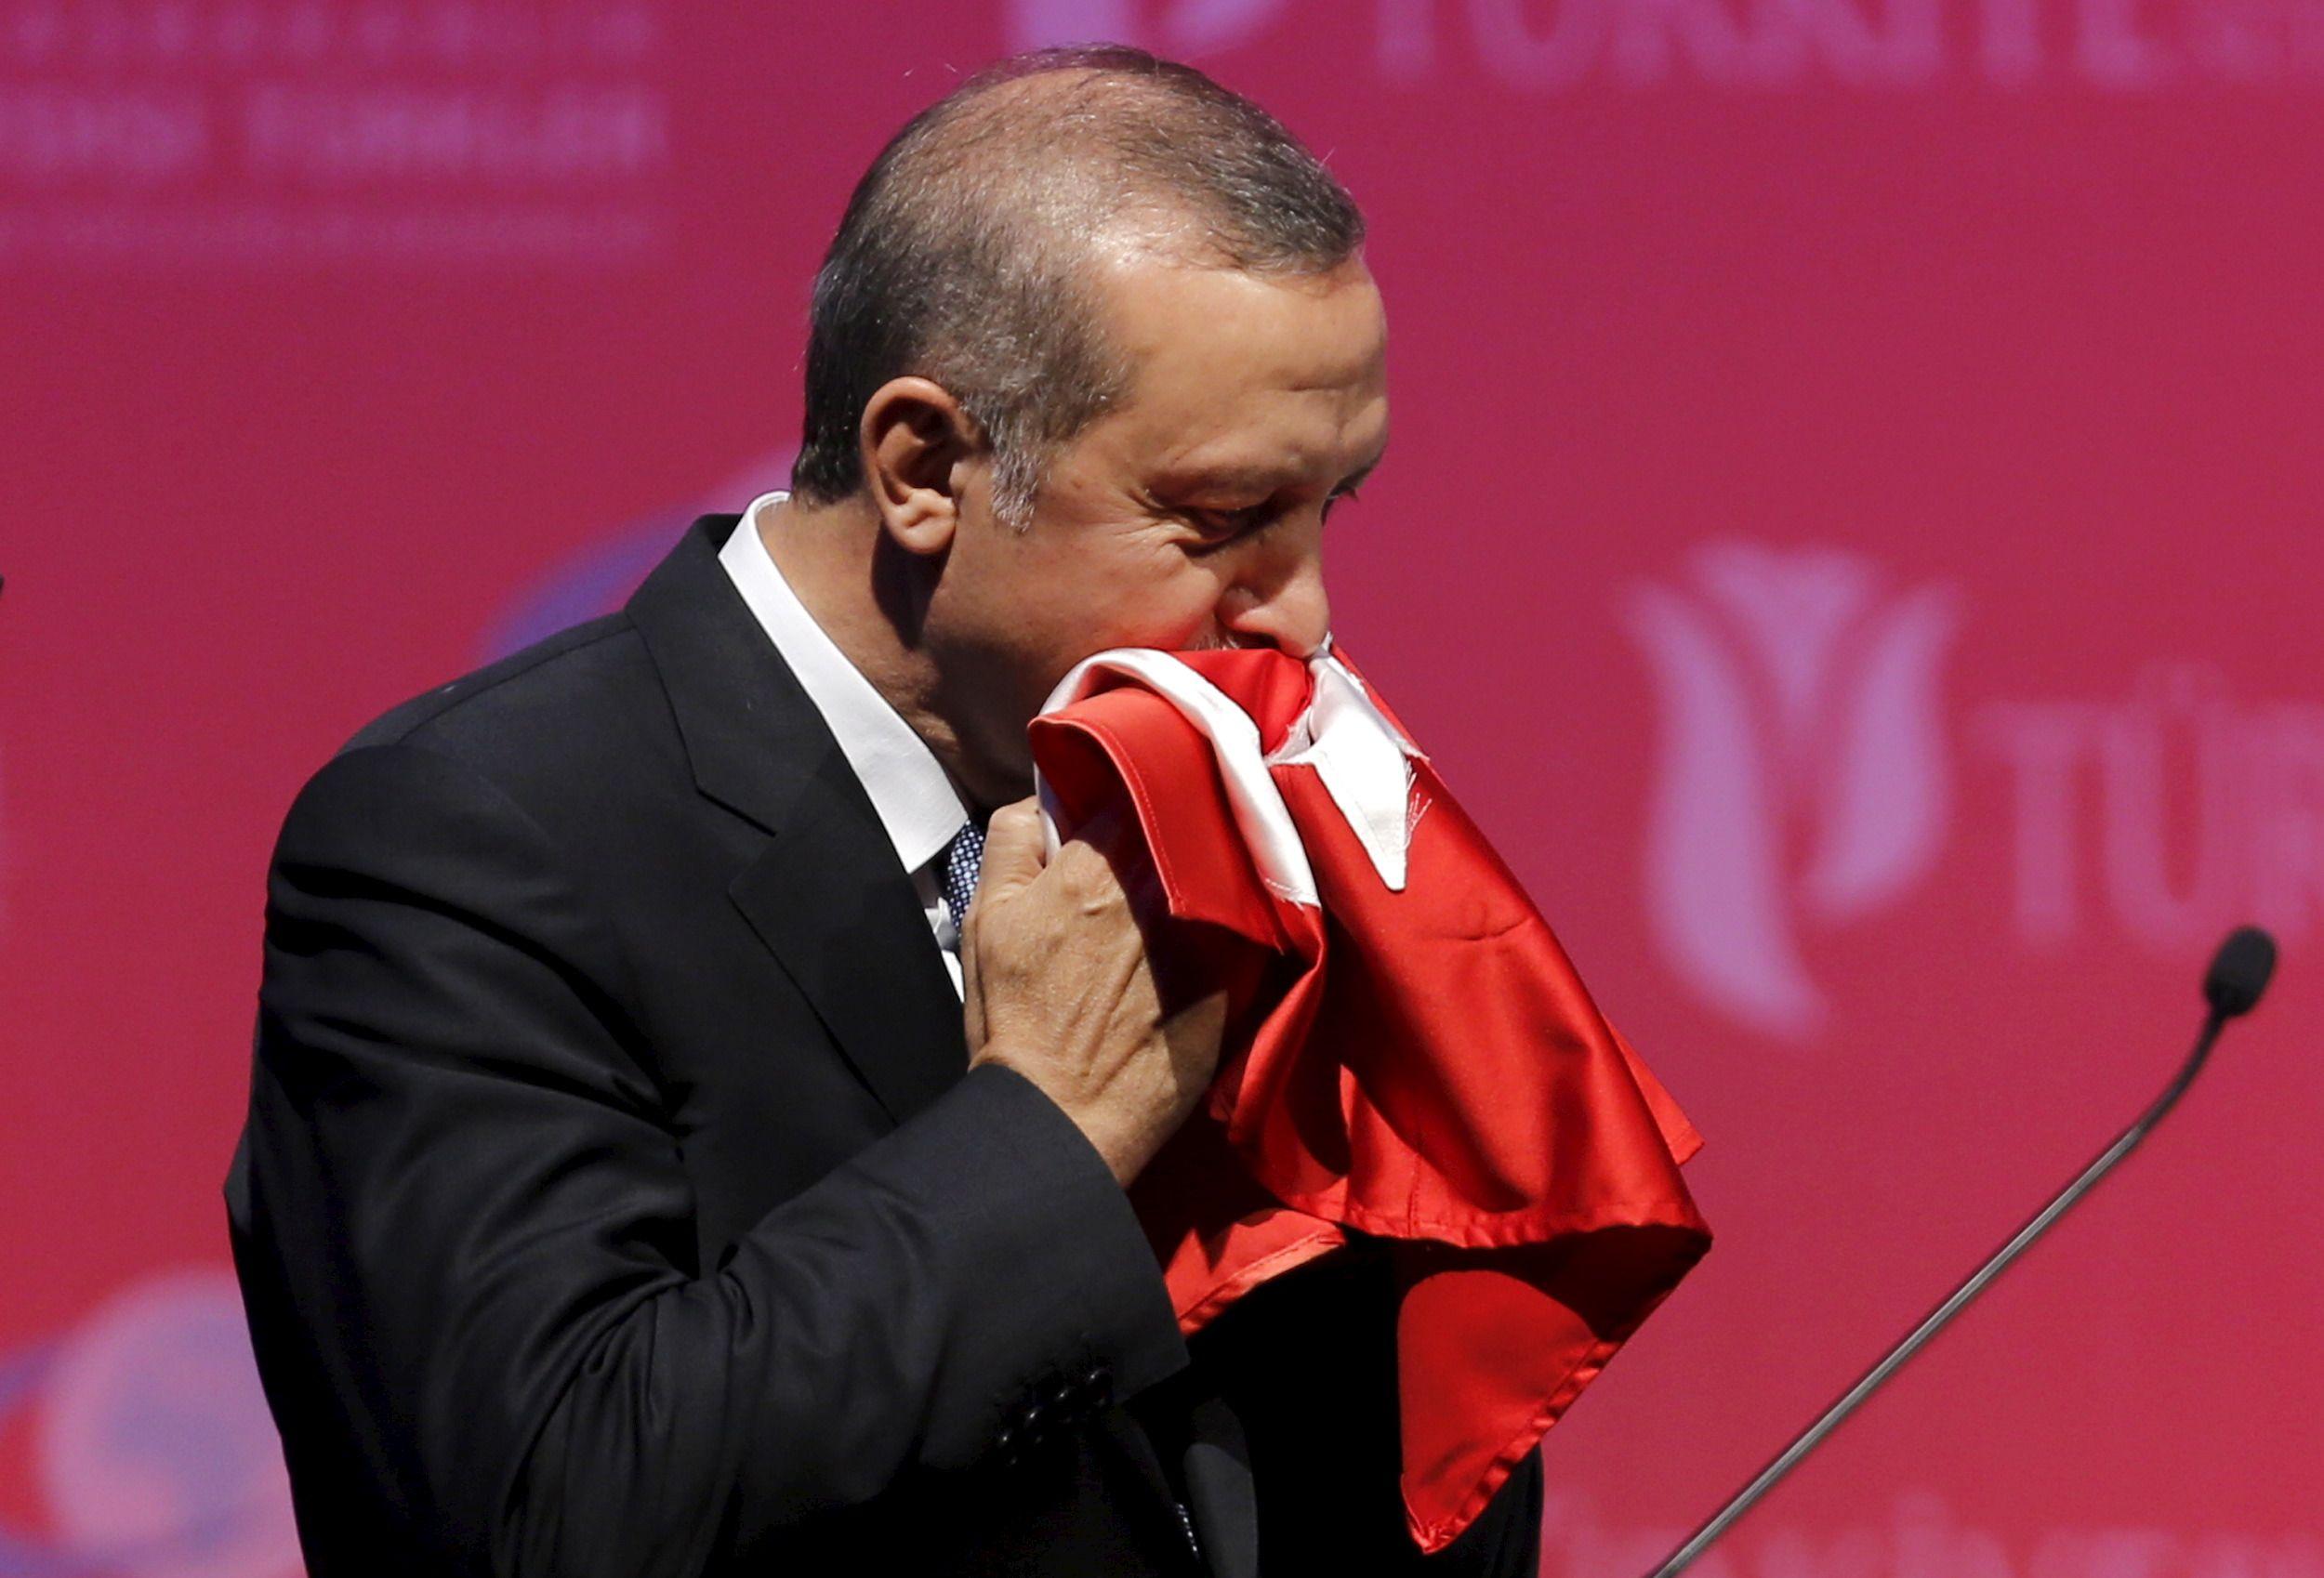 """""""Nous adoptons une approche mesurée face aux agissements émotionnels de la Russie"""" a déclaré le président Erdogan mardi 1er décembre."""